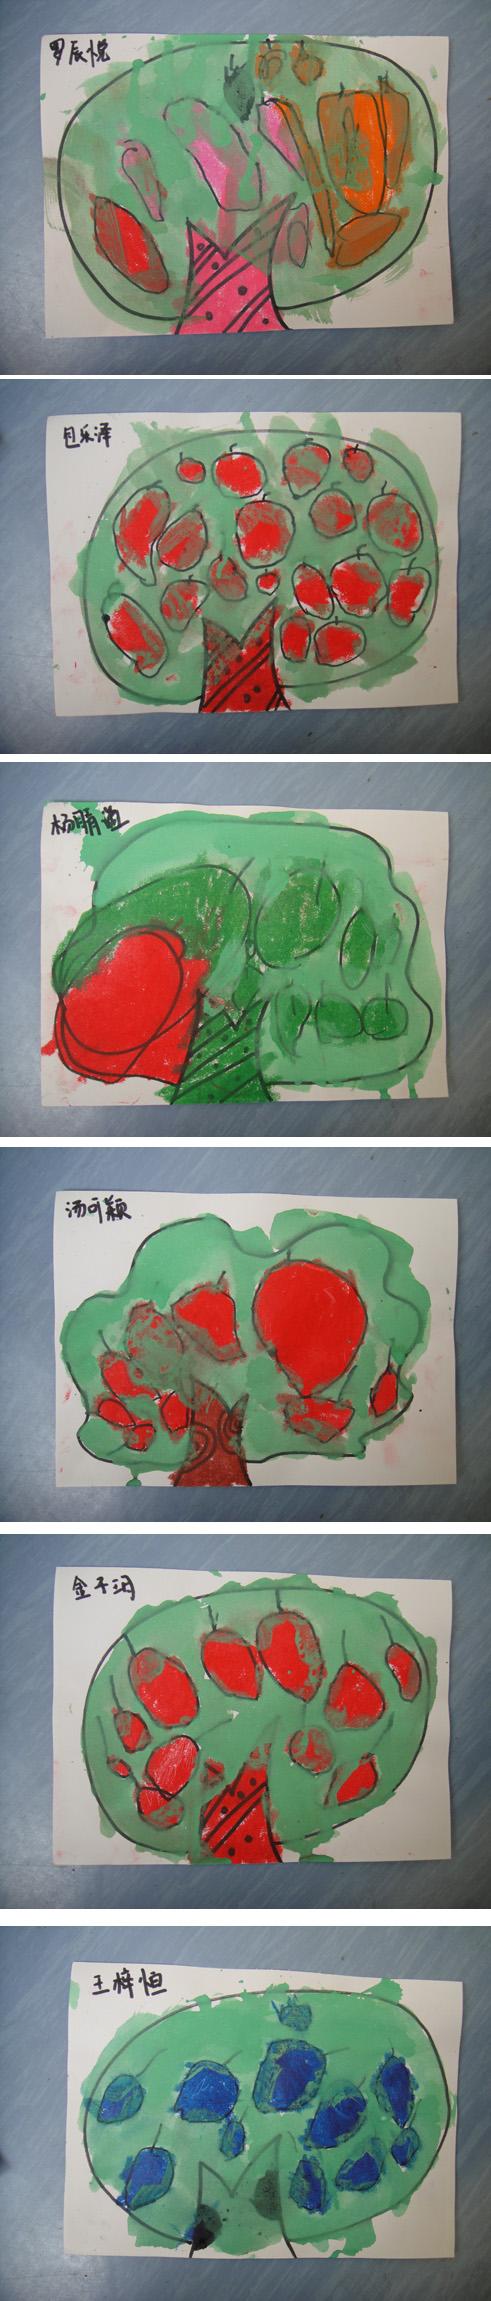 园所主页 大一班 宝贝作品 一颗苹果树  绘画说明:在已有的果树上添画